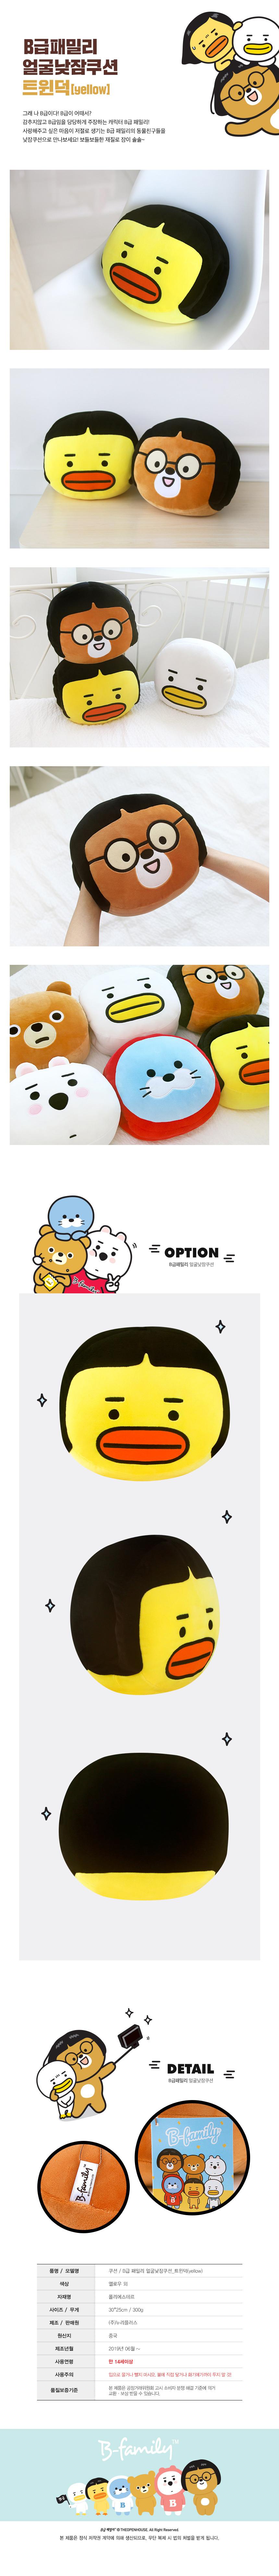 B급패밀리_얼굴낮잠쿠션 트윈덕(엘로우) - 누리토이즈, 15,600원, 캐릭터인형, 기타 캐릭터 인형